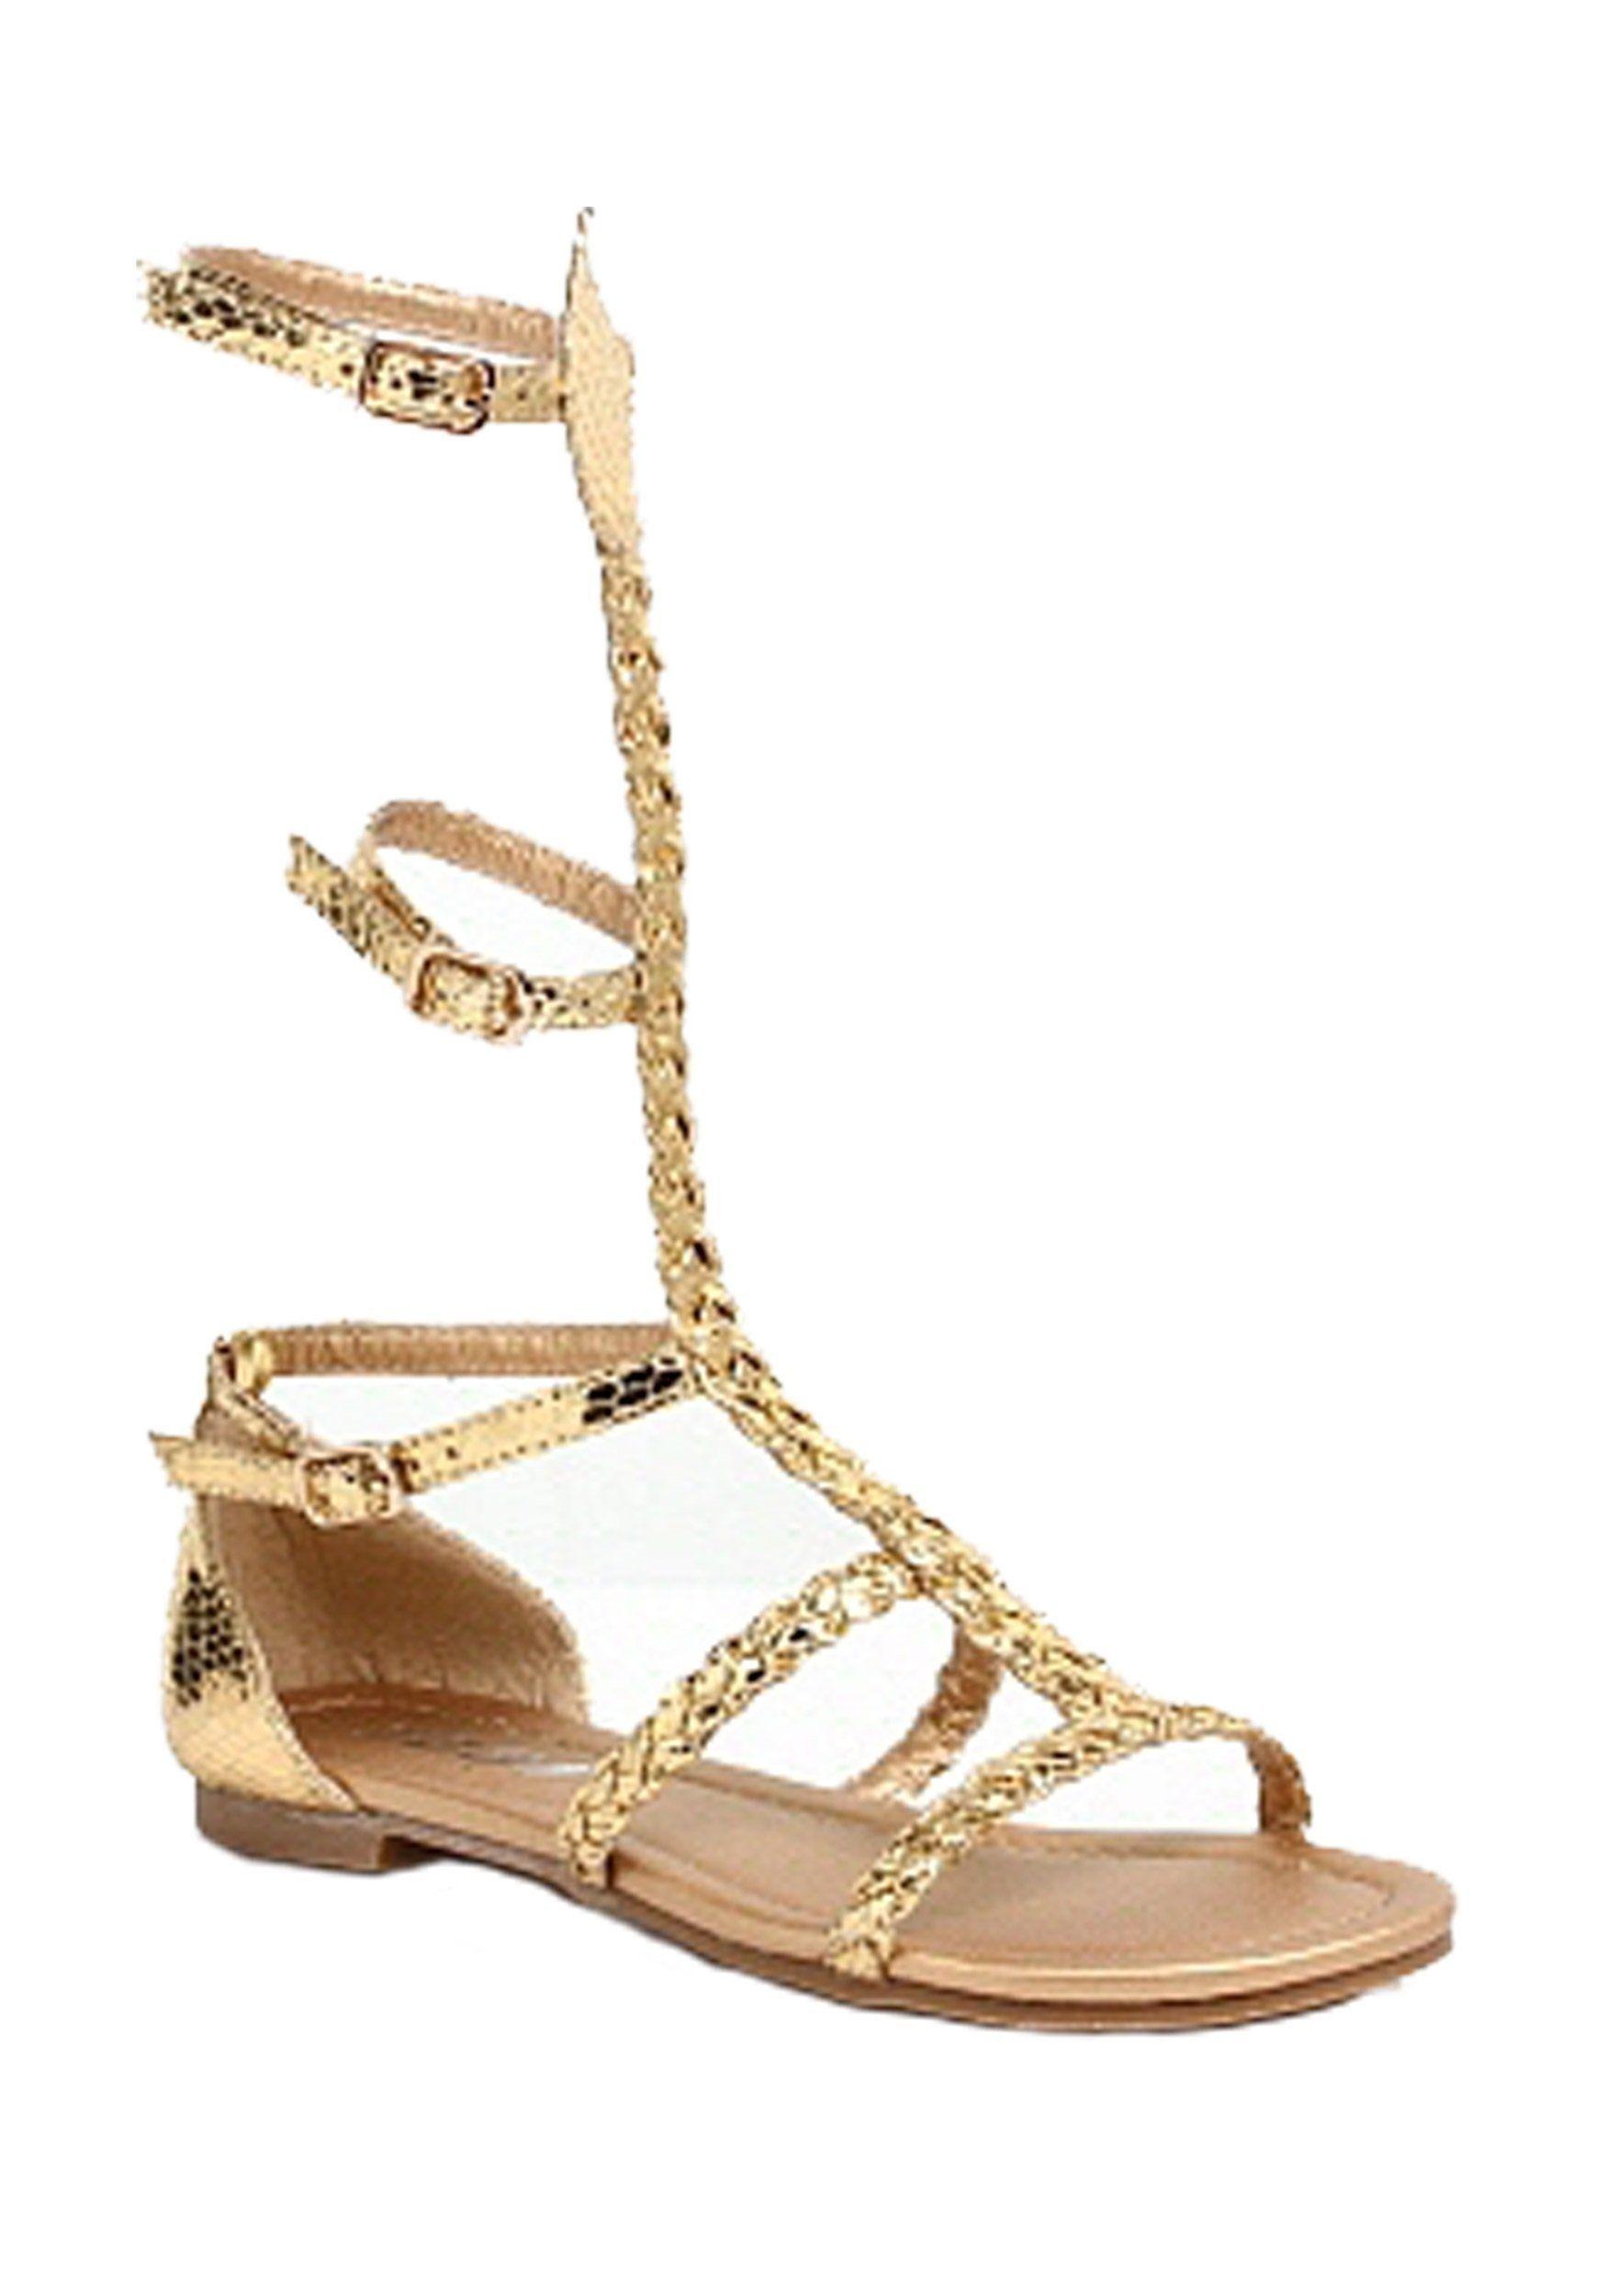 Congo reccomend Girls in sandals Vinyl Queen!